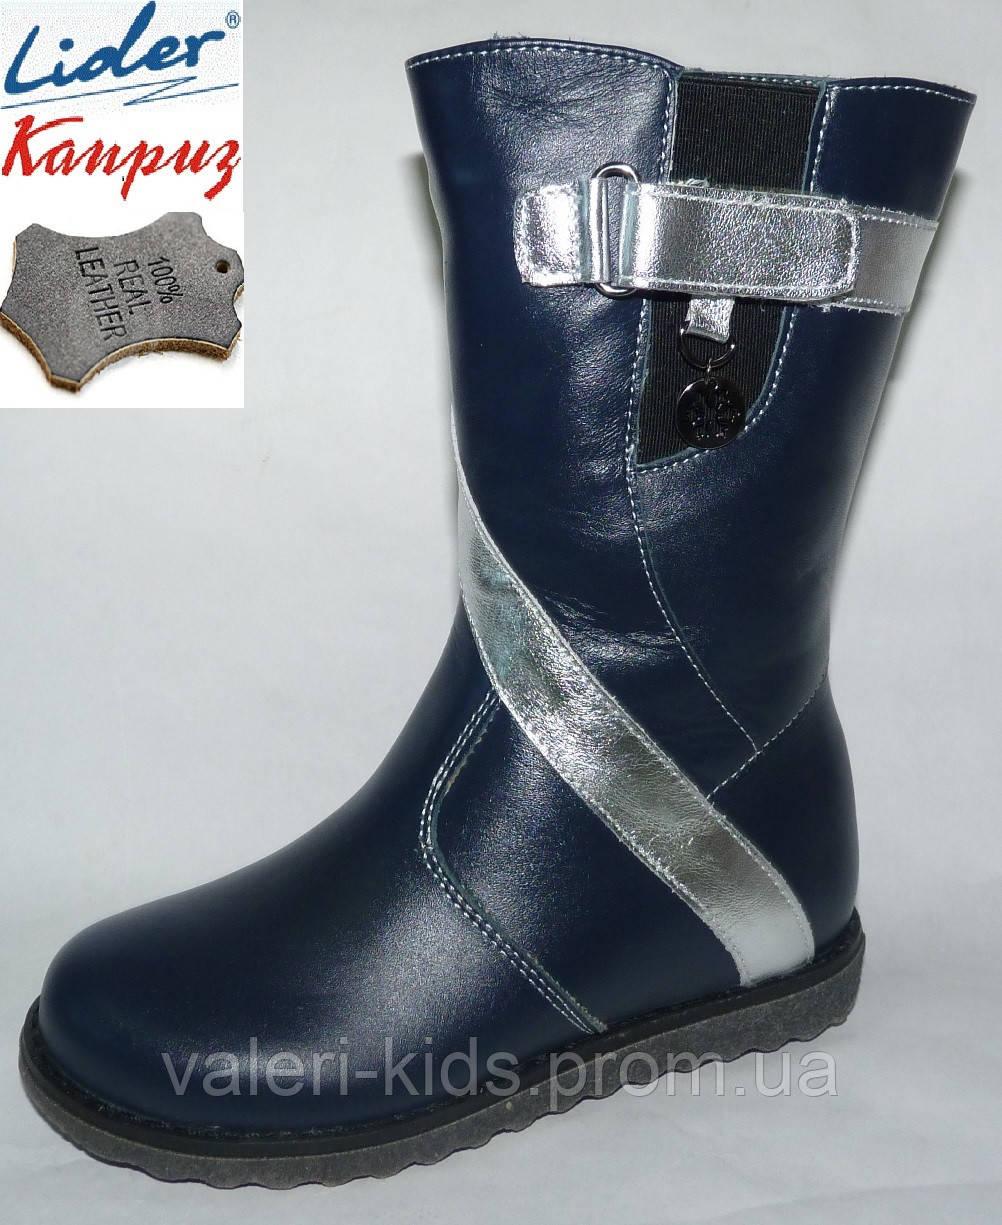 Детские кожаные зимние сапоги Каприз. 27р  продажа d46795551c6a9